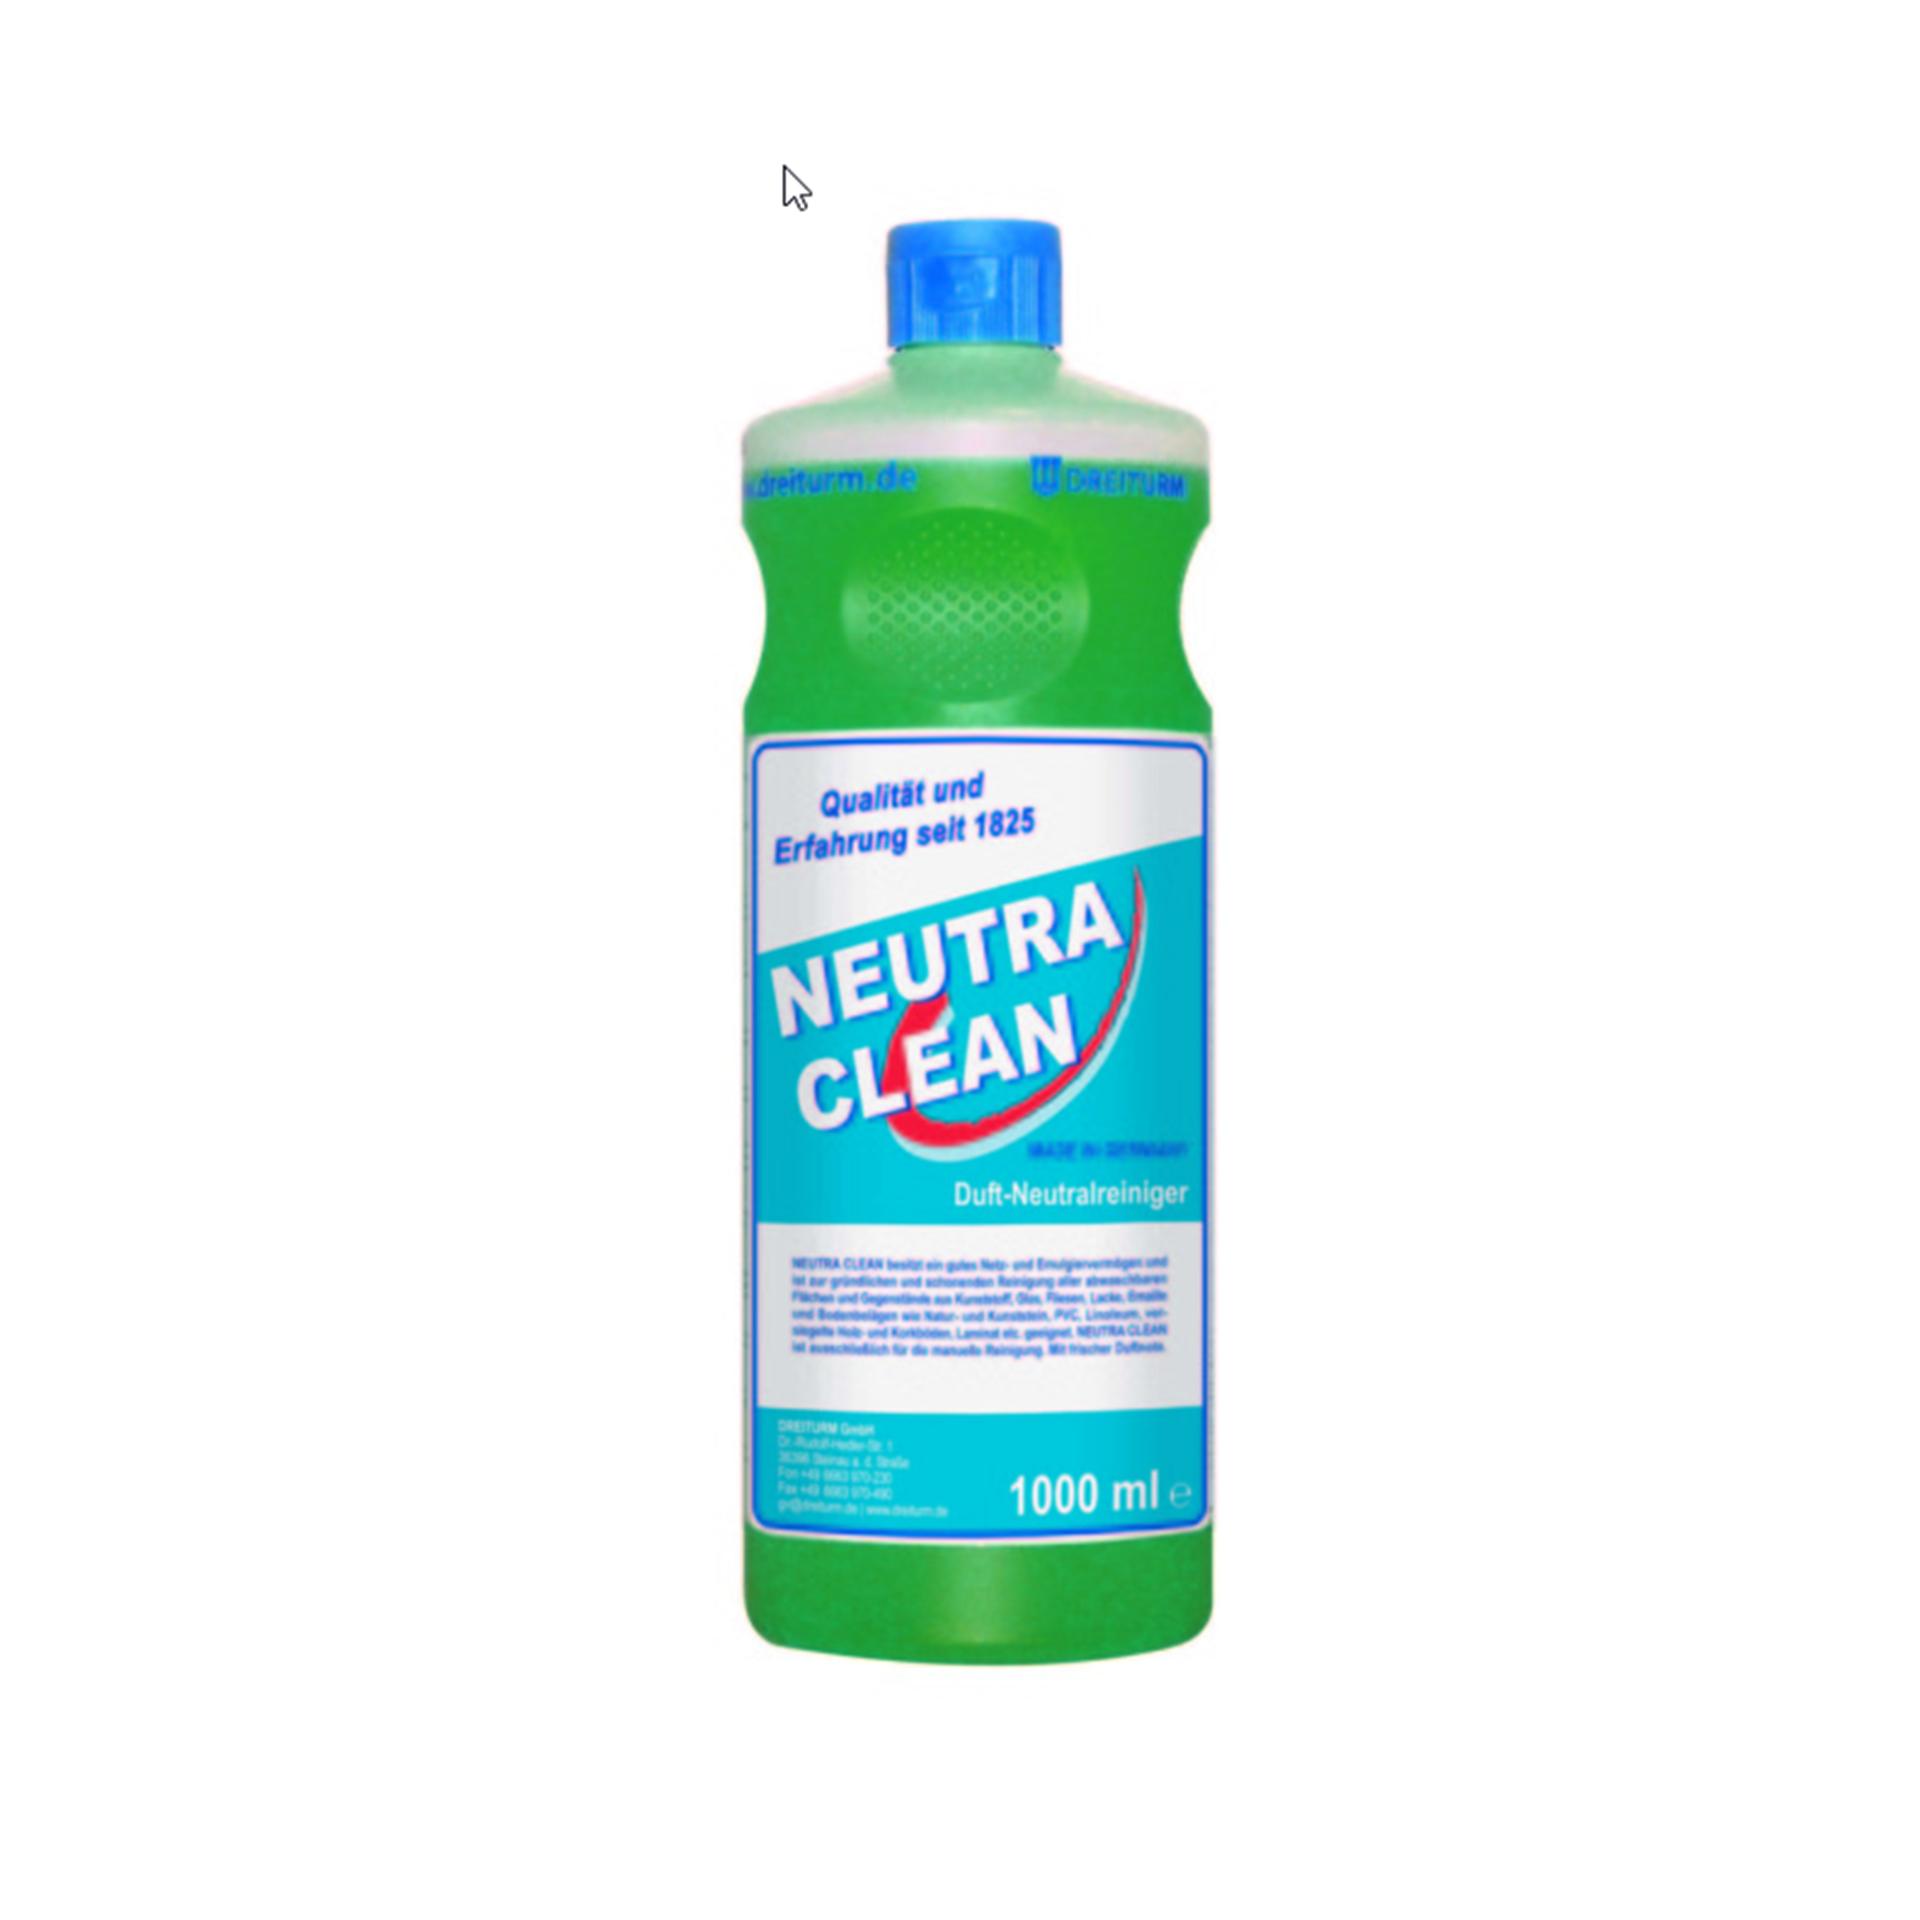 Dreiturm NEUTRA CLEAN Neutralreiniger - 1 l - Rundflasche